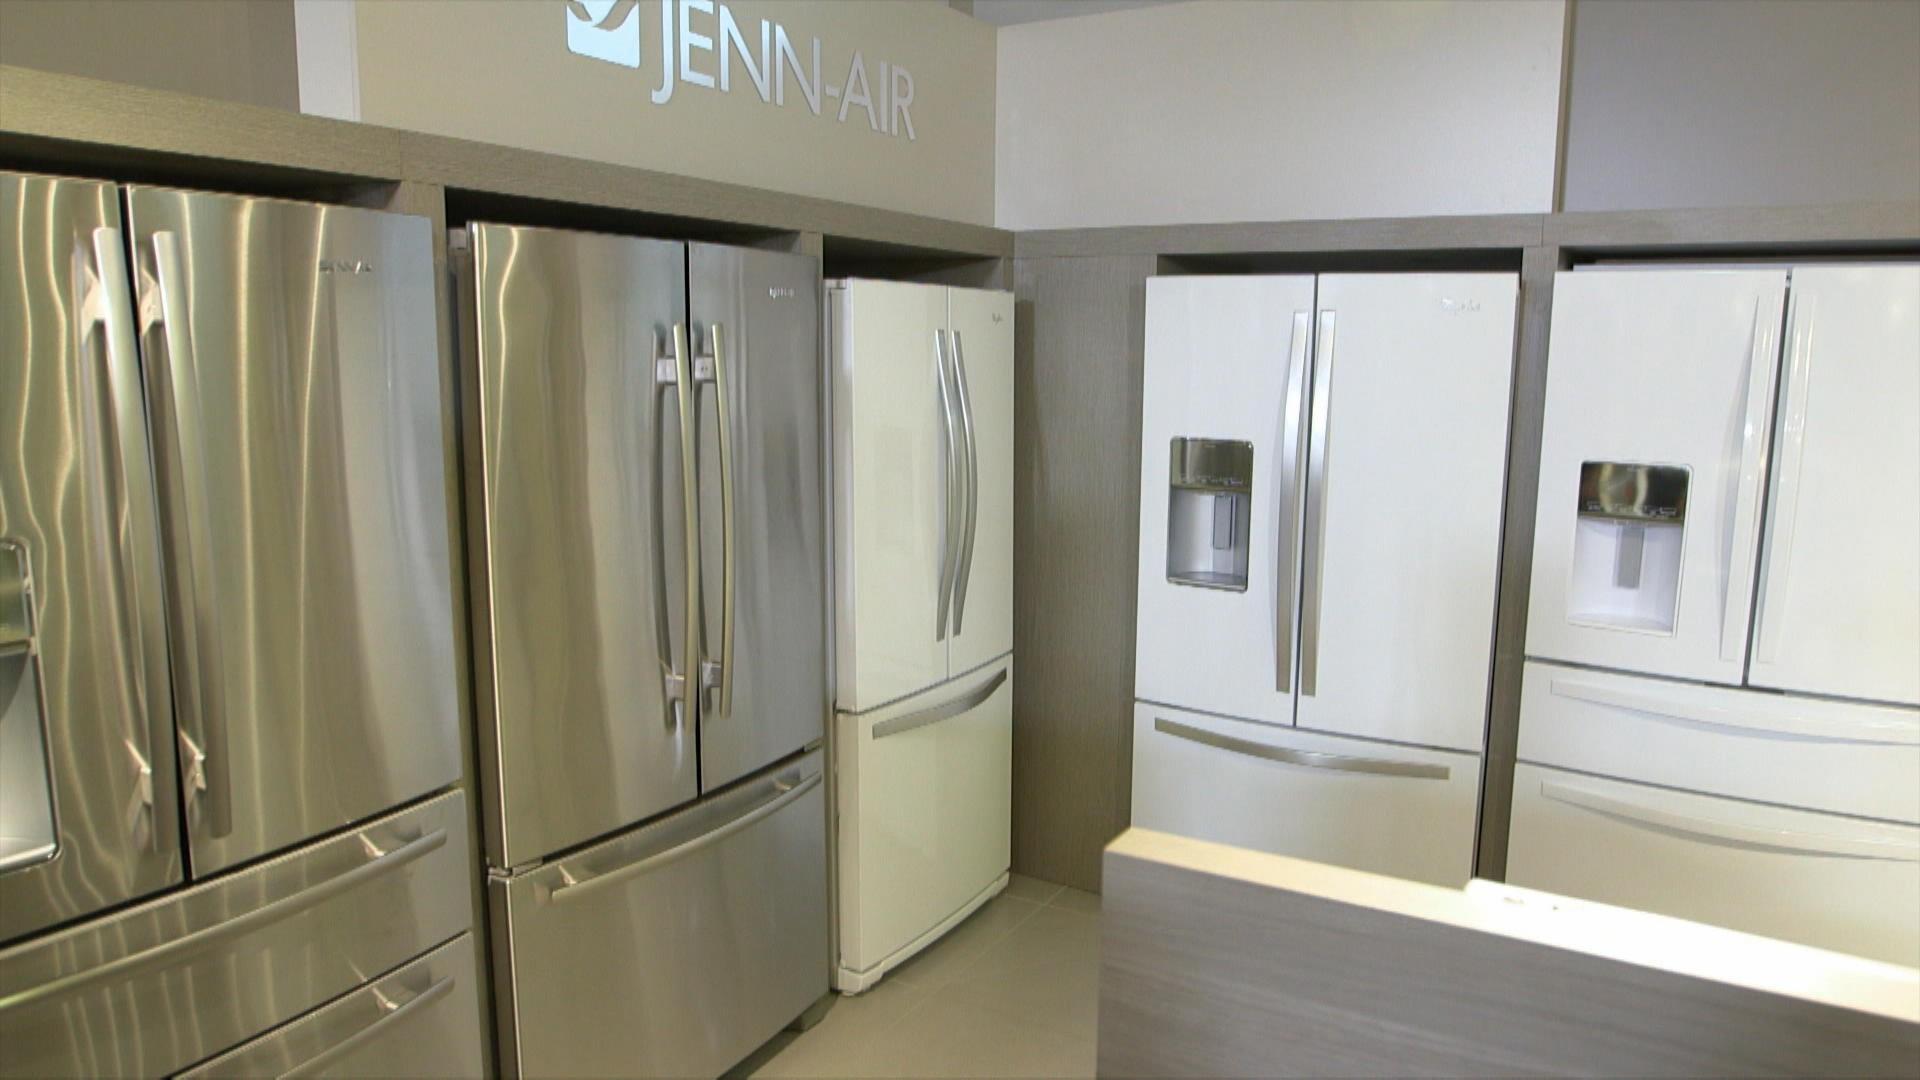 les r frig rateurs l 39 conomie de partage les cam ras de vid osurveillance maison a vaut le. Black Bedroom Furniture Sets. Home Design Ideas